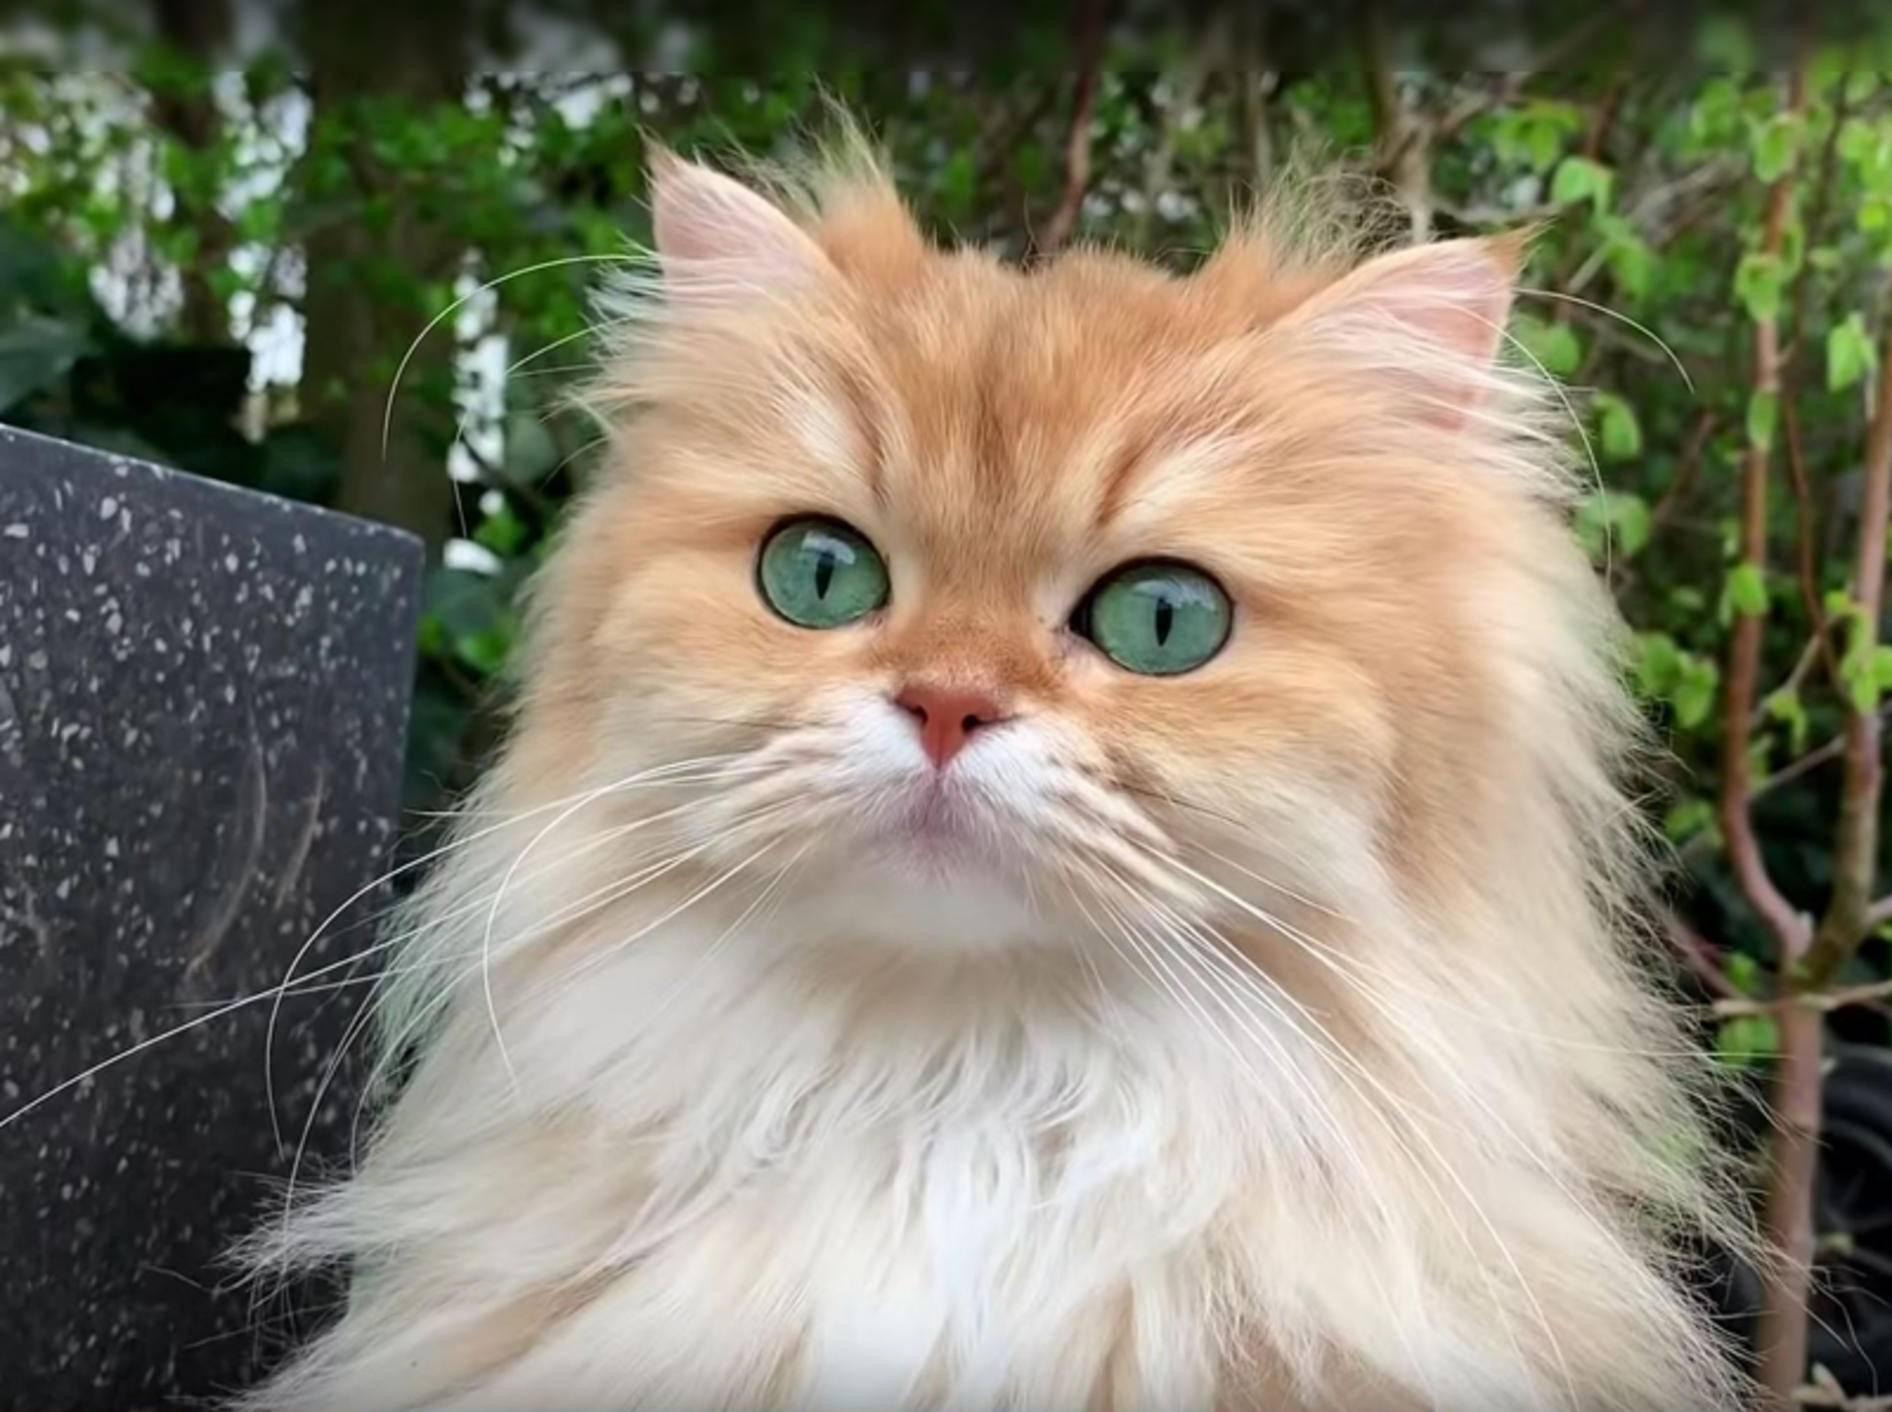 Flauschkatze Smoothie bei ihrem ersten Gartenausflug – YouTube / smoothiethecat